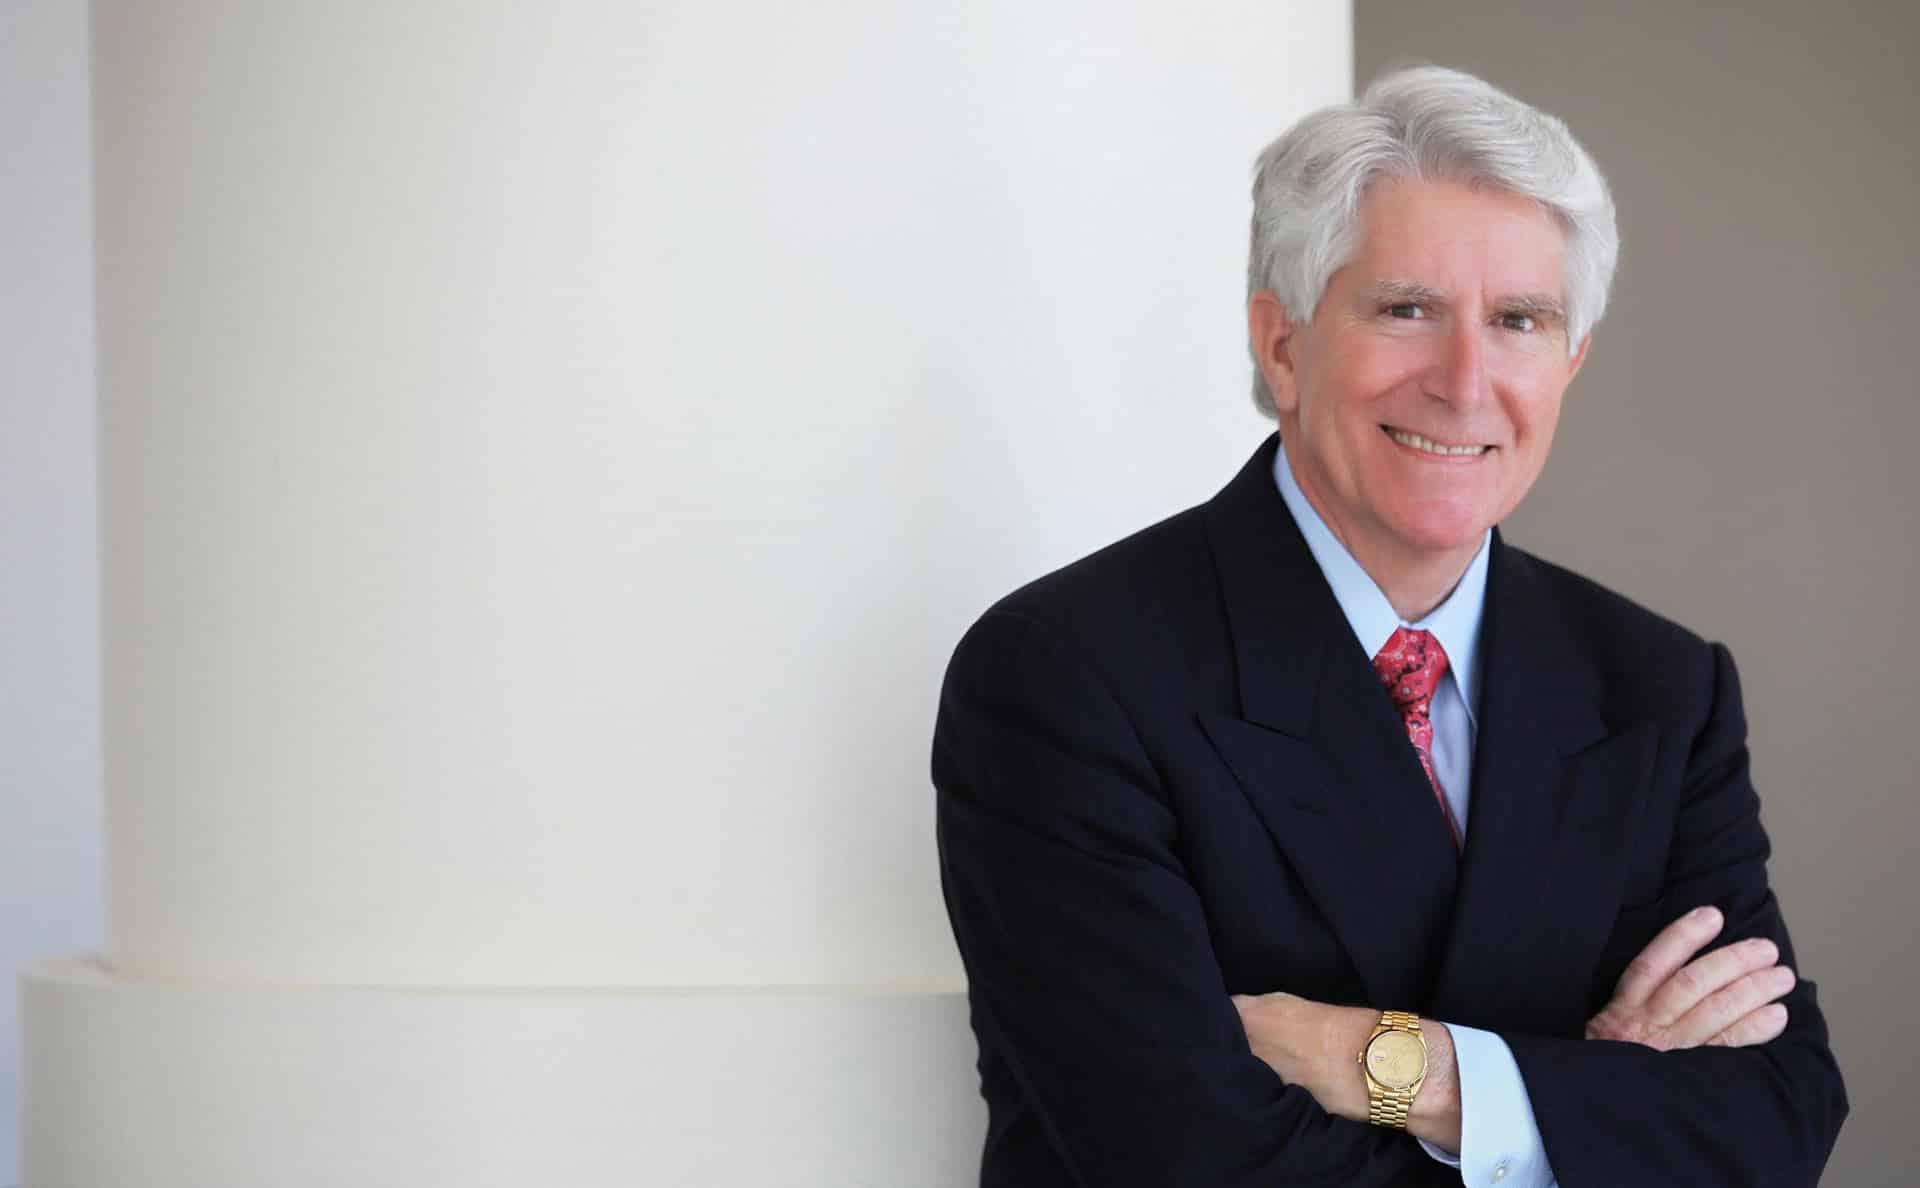 Attorney Robert C Van Siclen